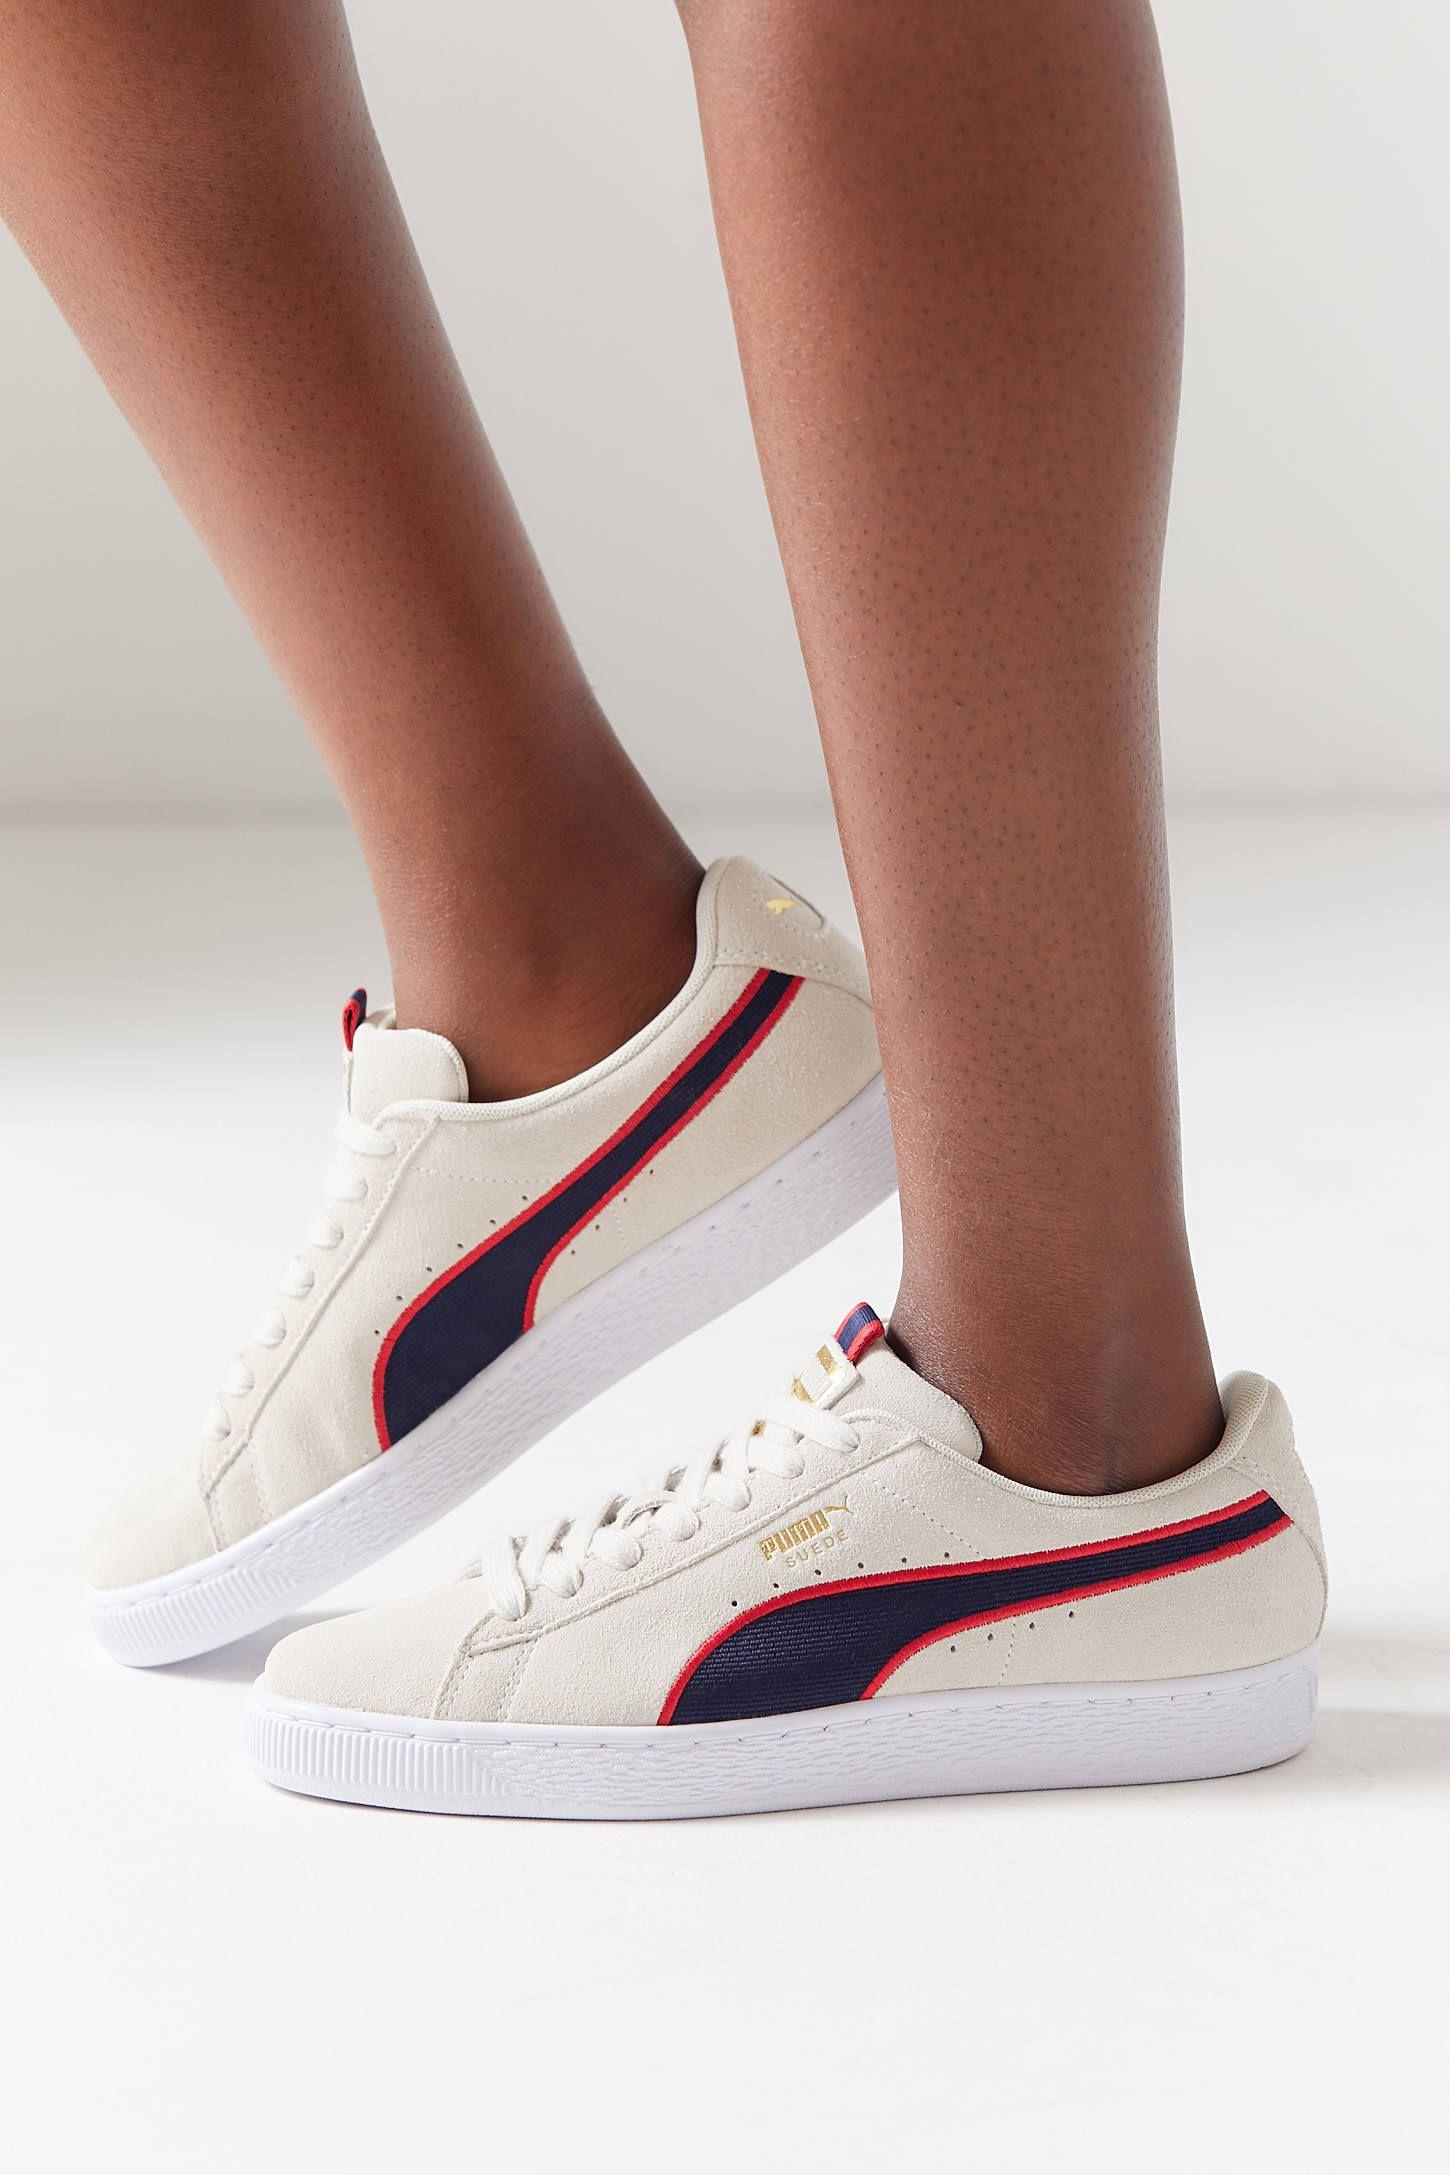 2b0faafc0f5e Puma Suede Classic Sport Stripes Sneaker in 2018